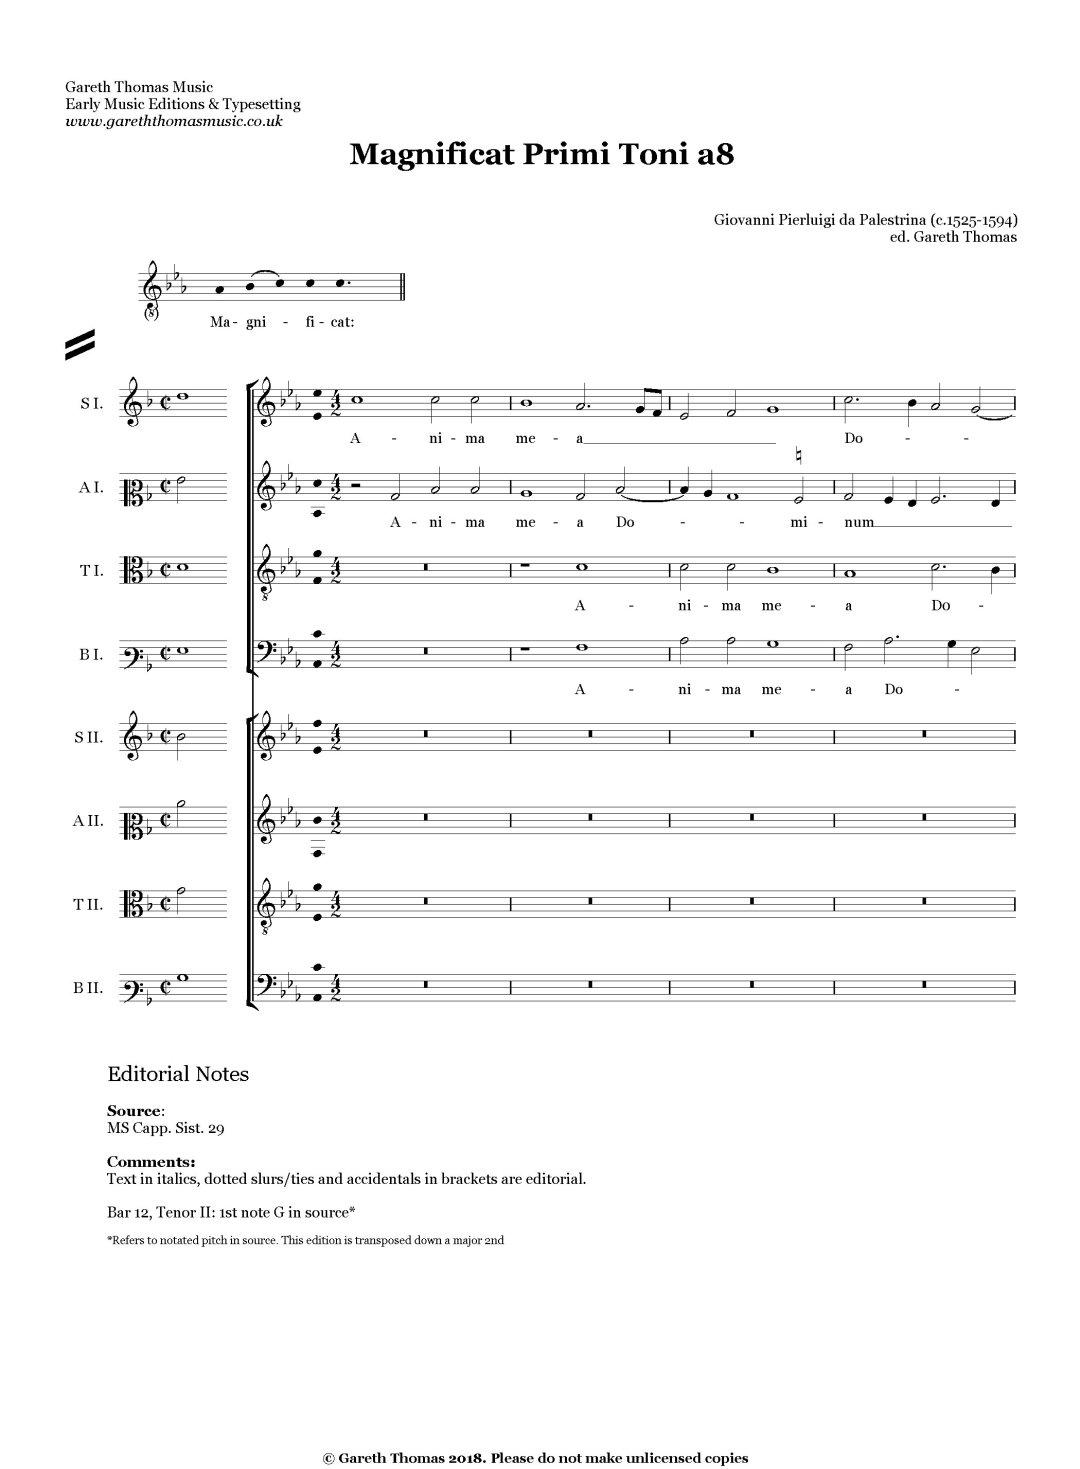 Giovanni Pierluigi da Palestrina Magnificat Primi Toni a8 image